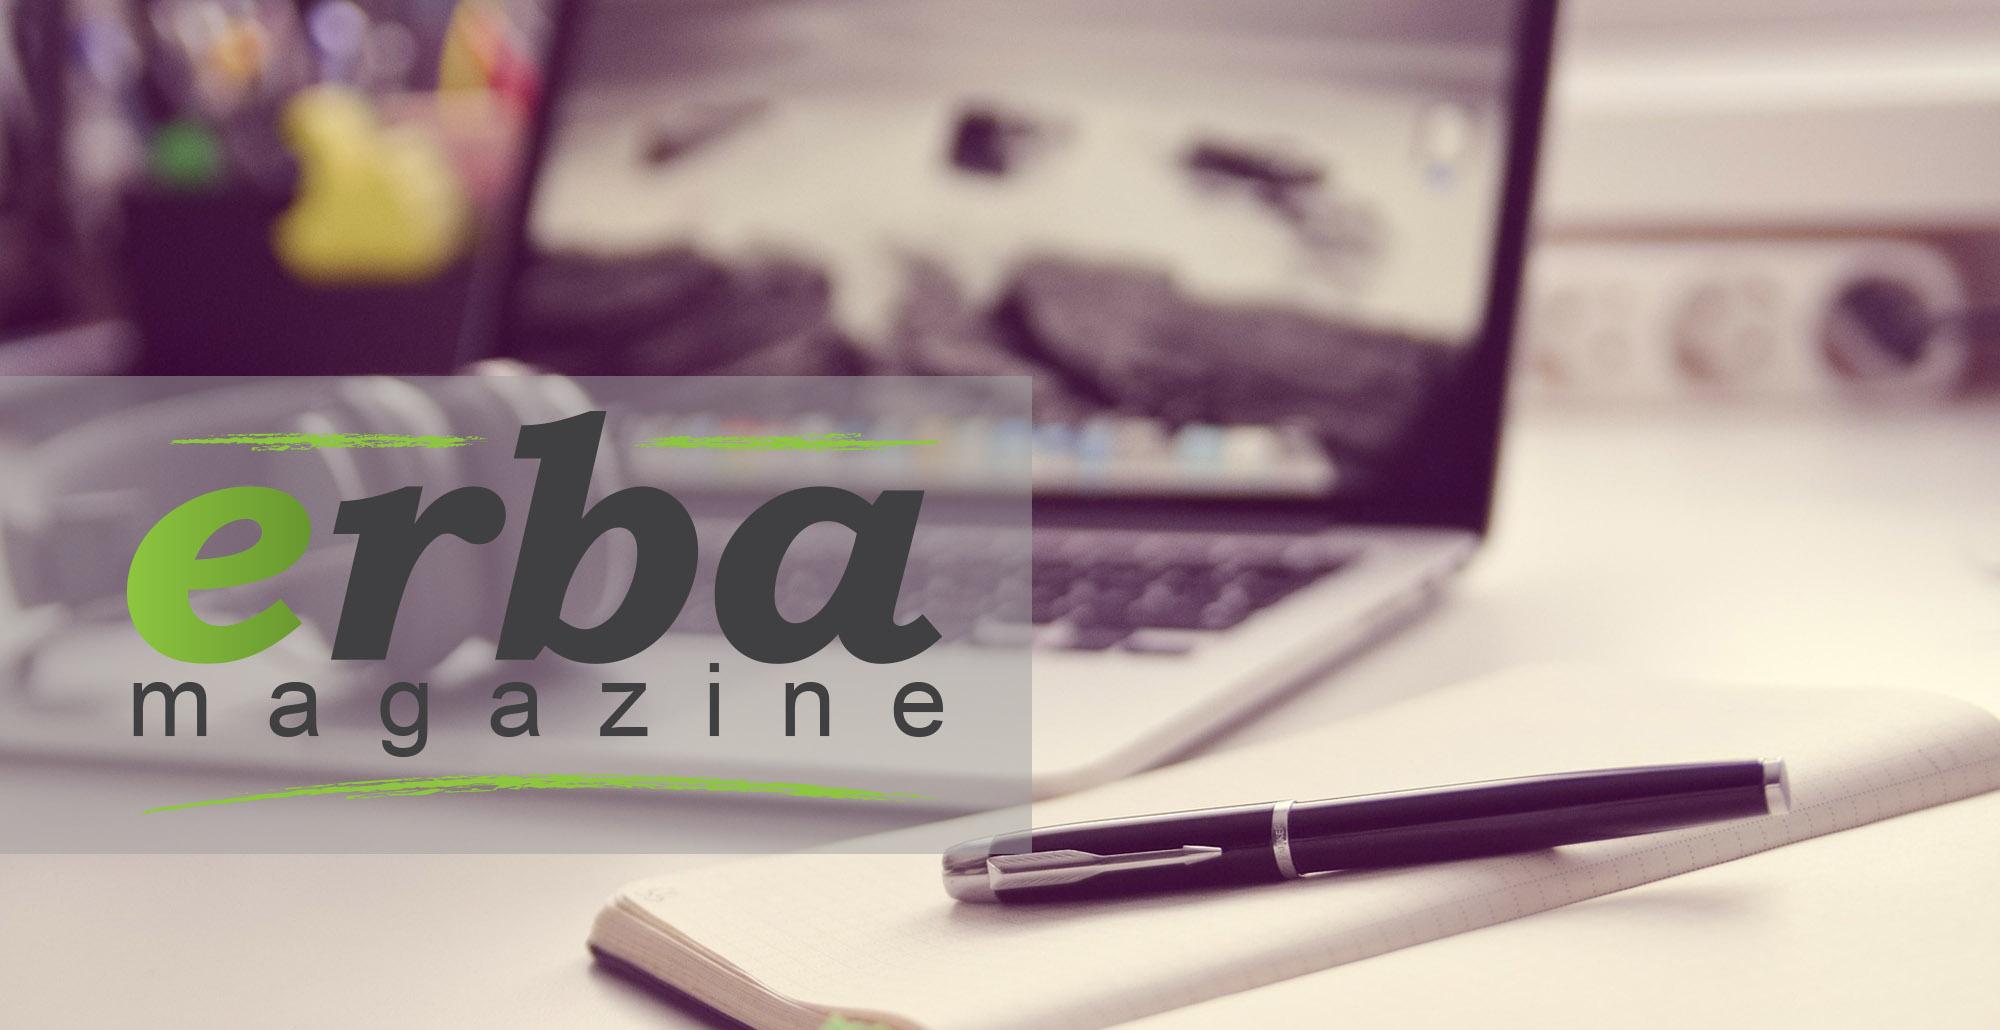 Foto bianco e nero di scrivania con pc, penna e taccuino con logo Erba Magazine